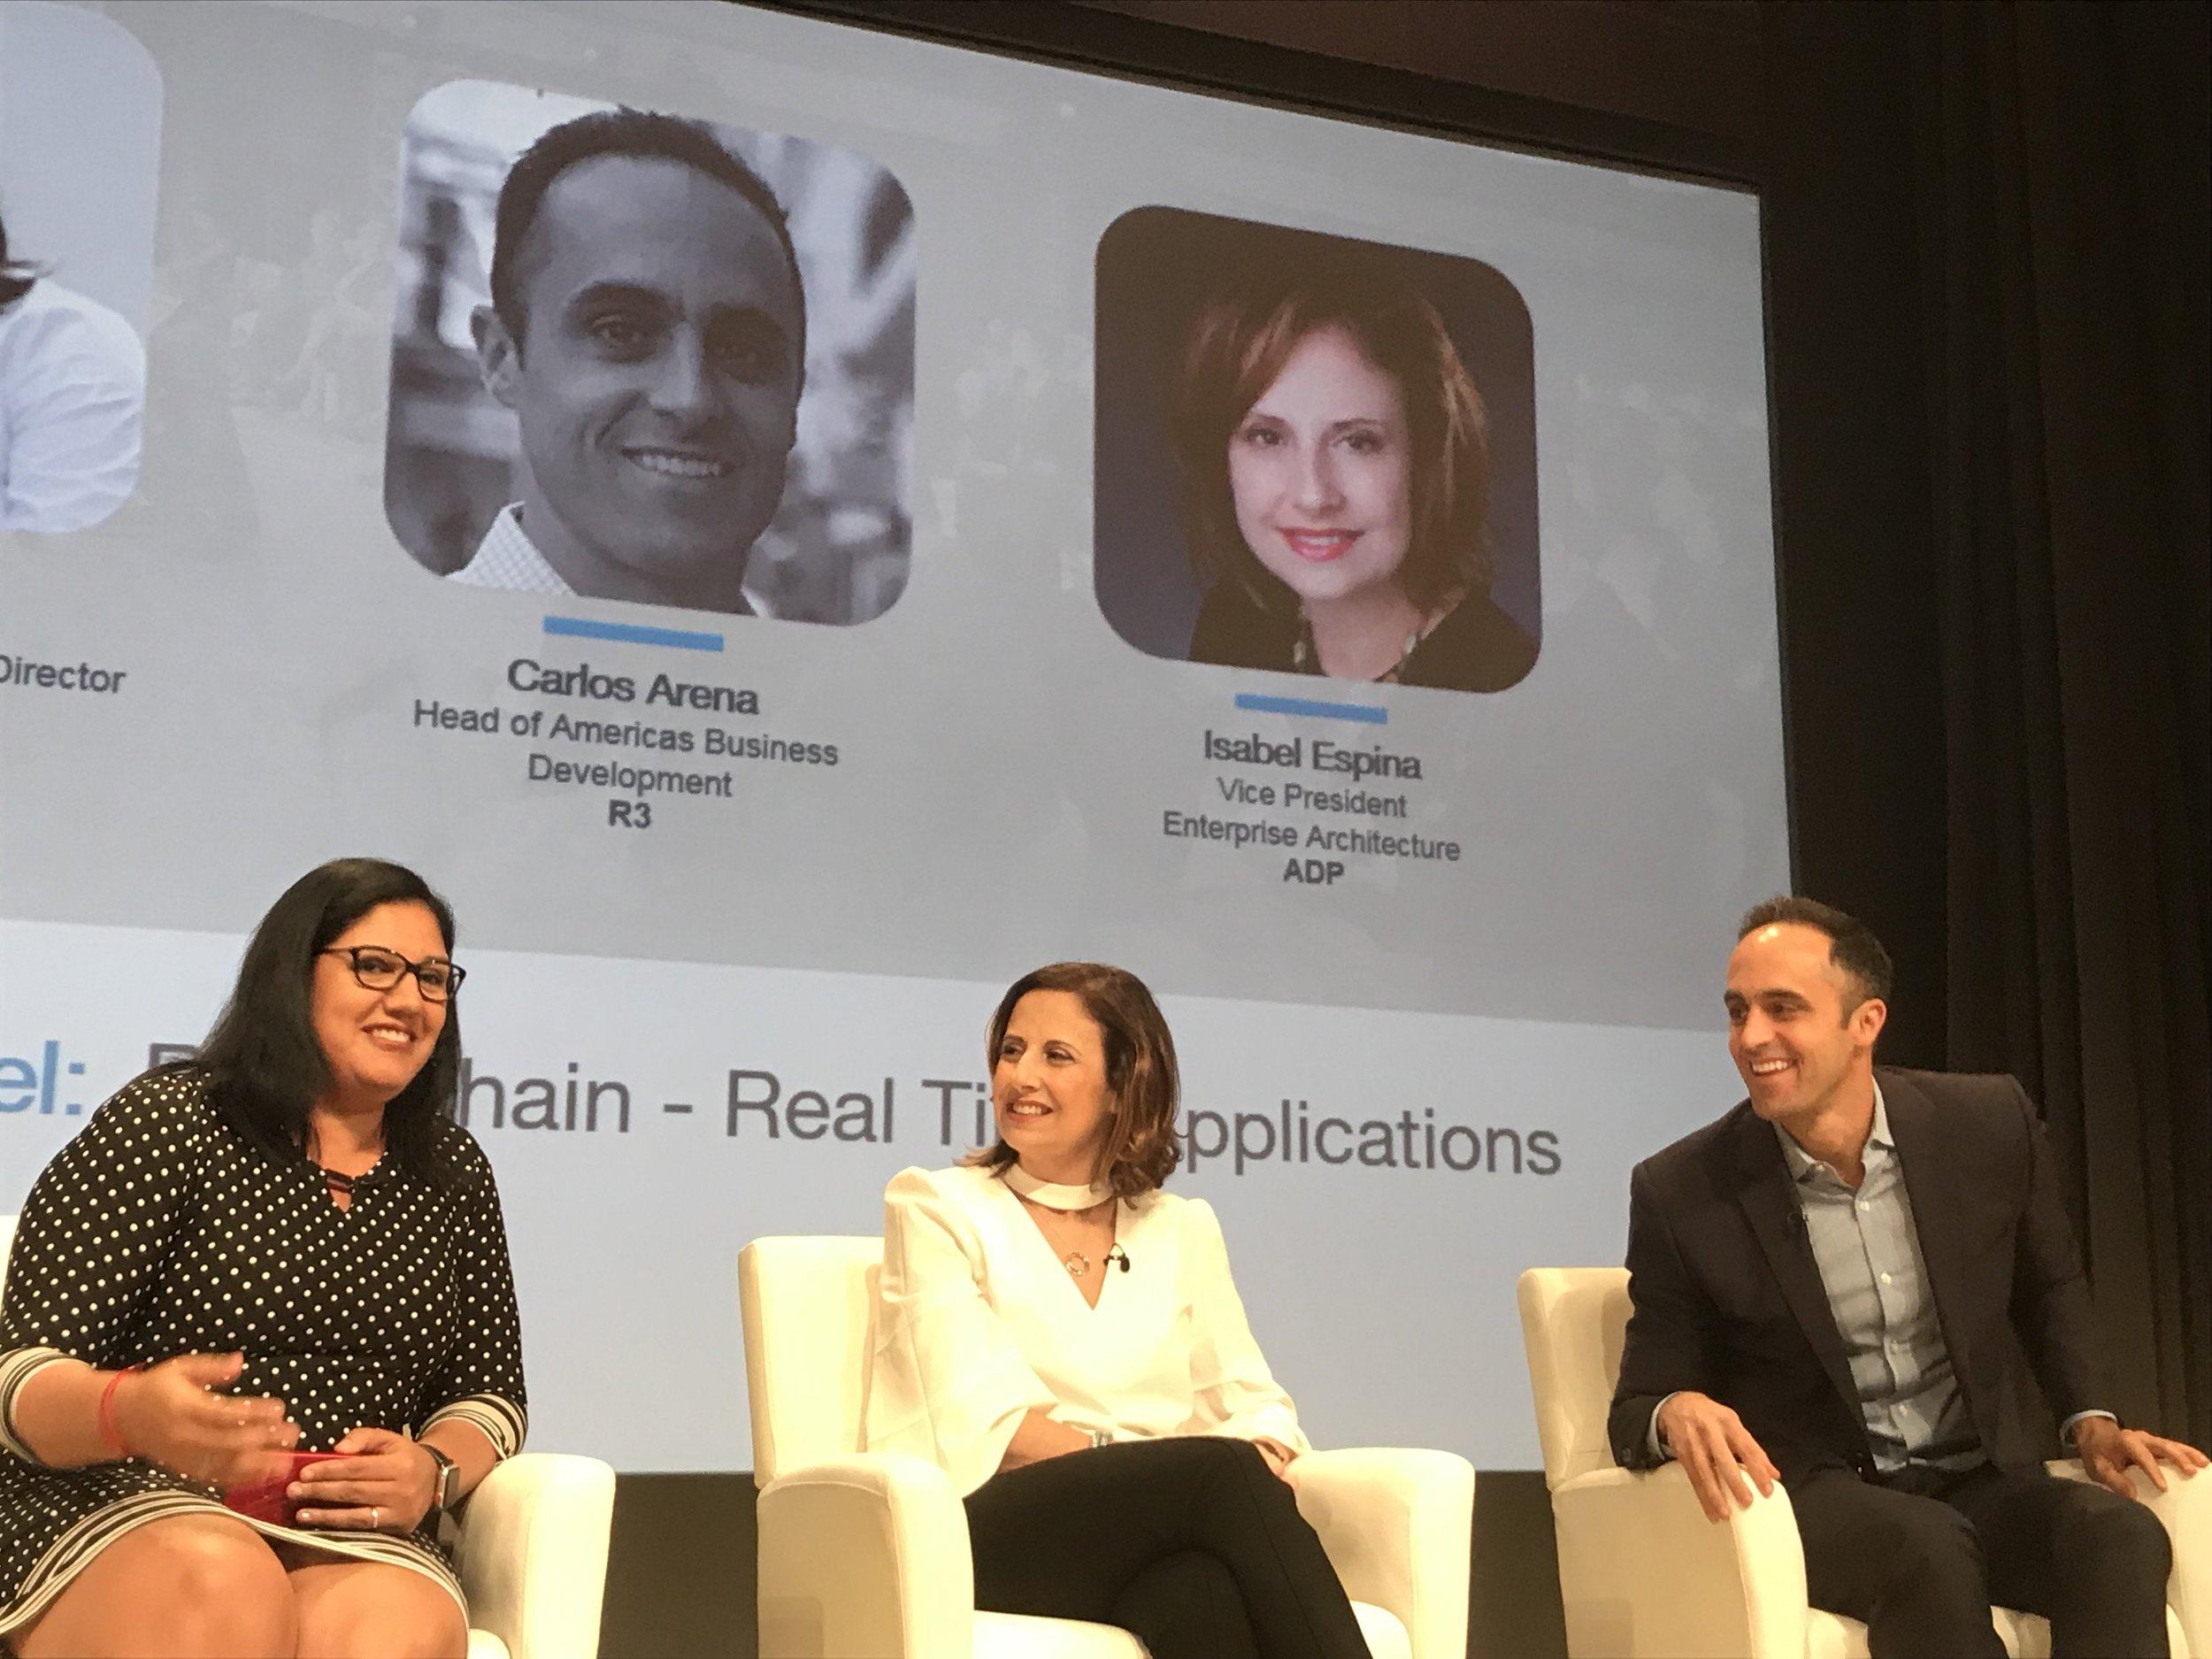 2019: Blockchain: Real Life Applications, HITEC Summit at Bank of America